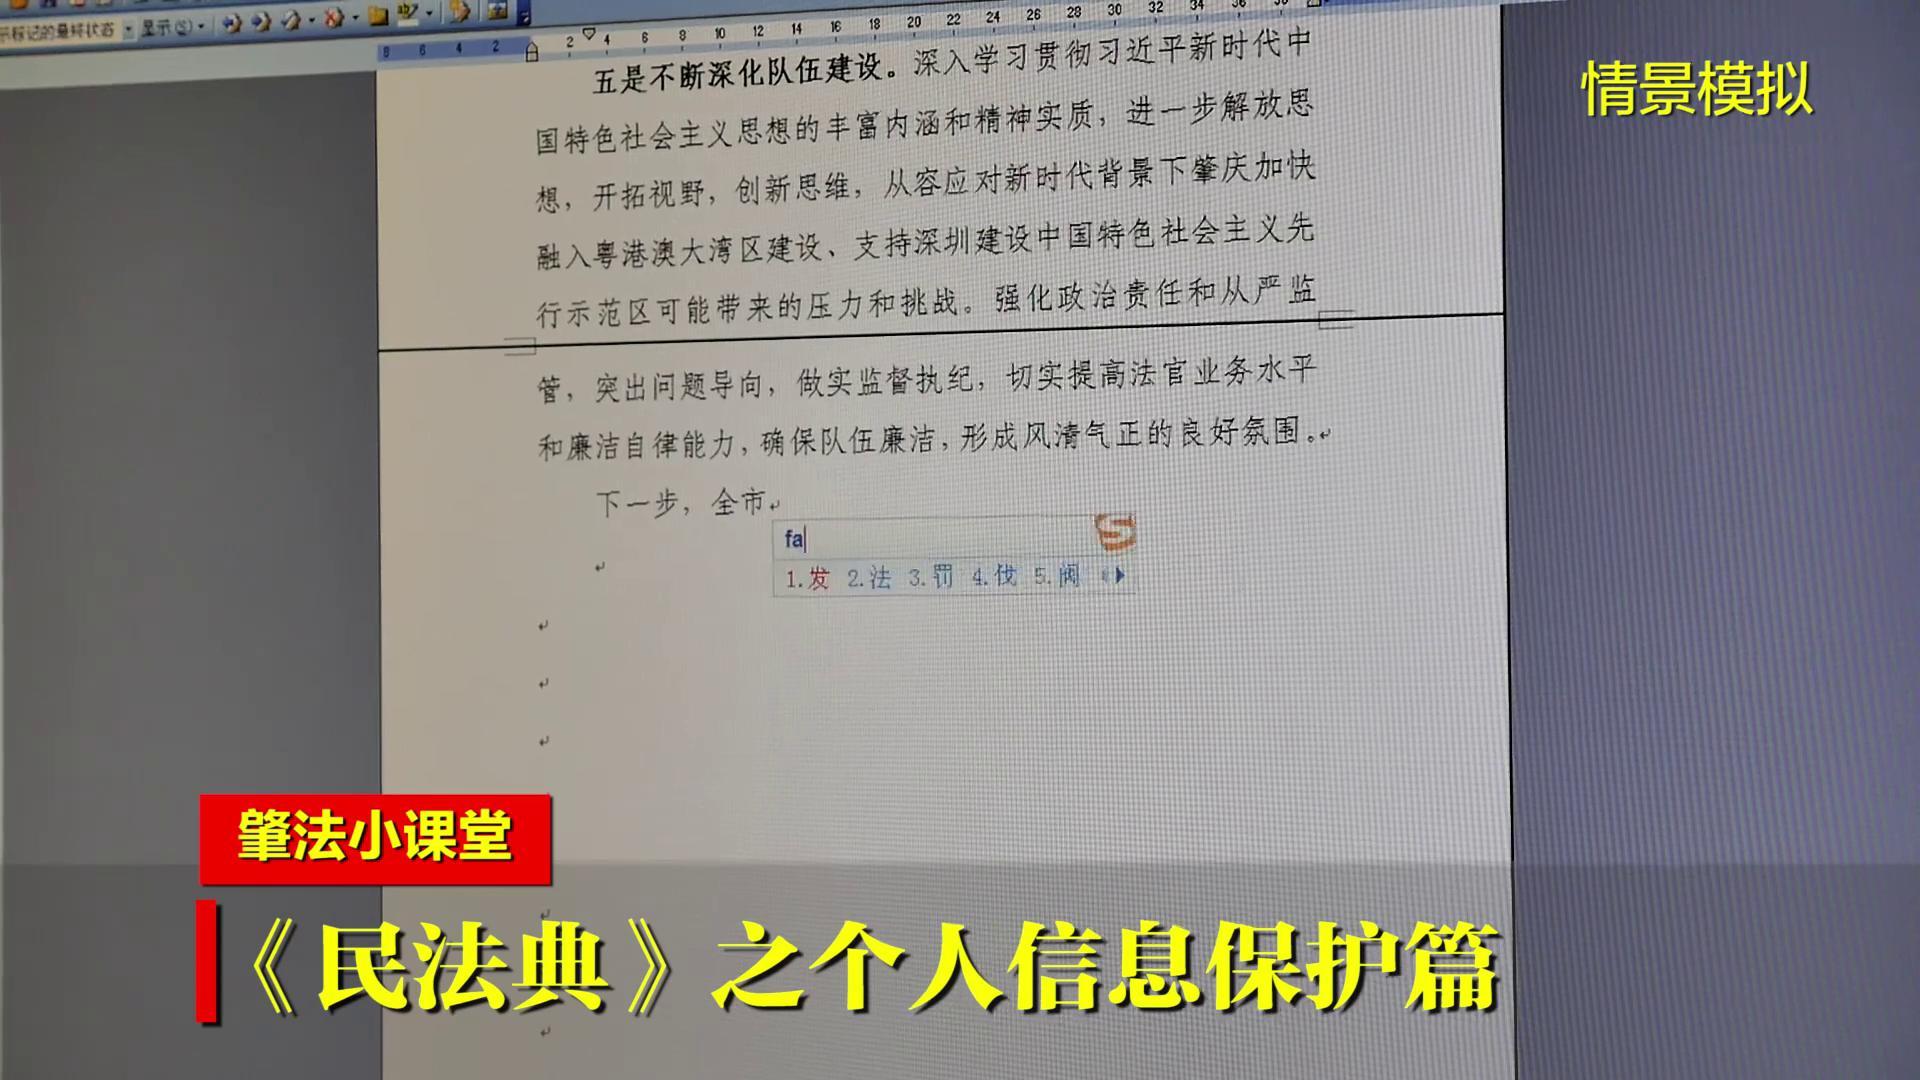 剧情小视频:《民法典》之个人信息保护篇